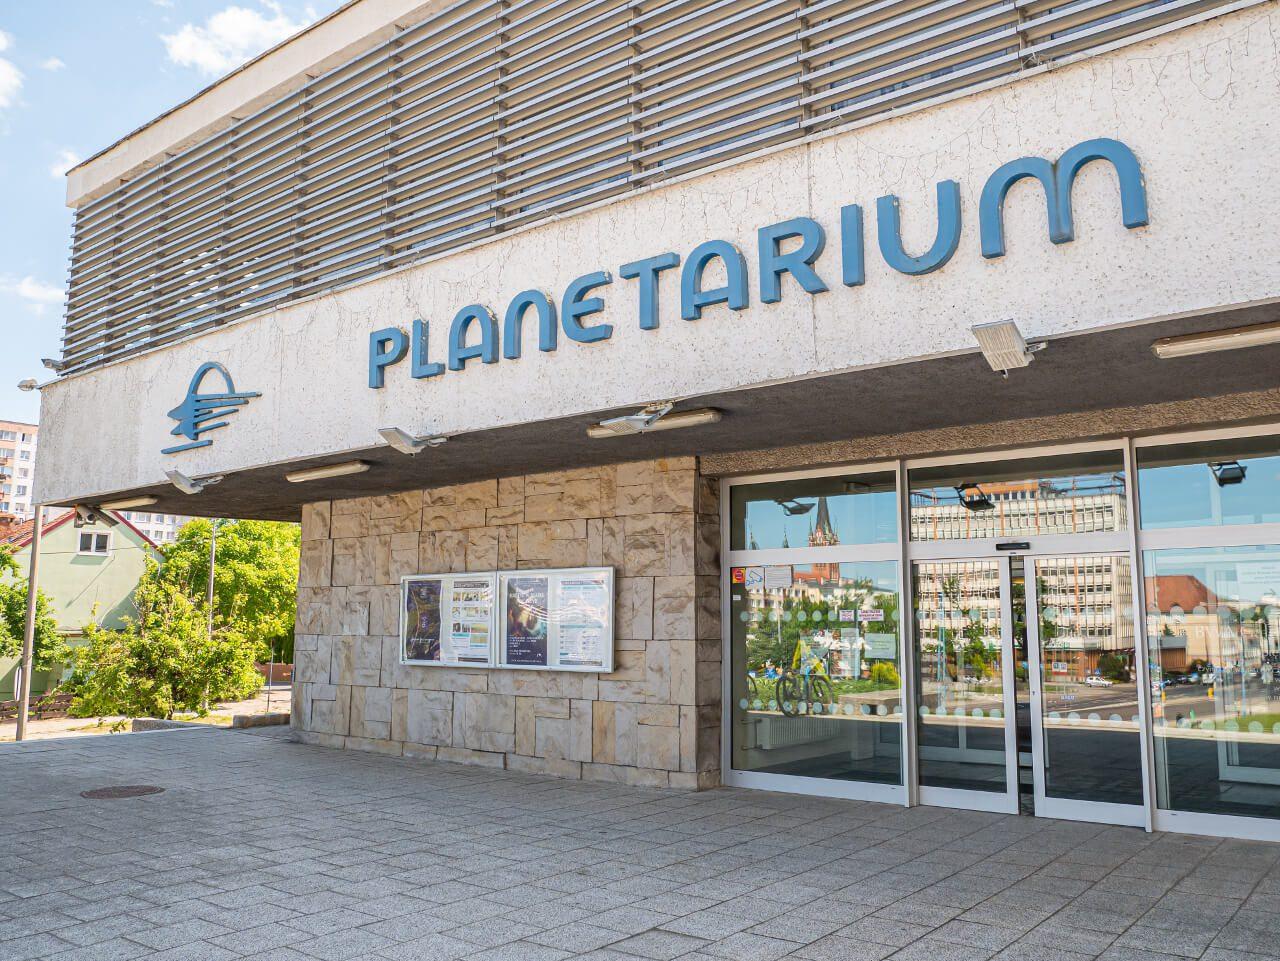 Planetarium Olsztyn